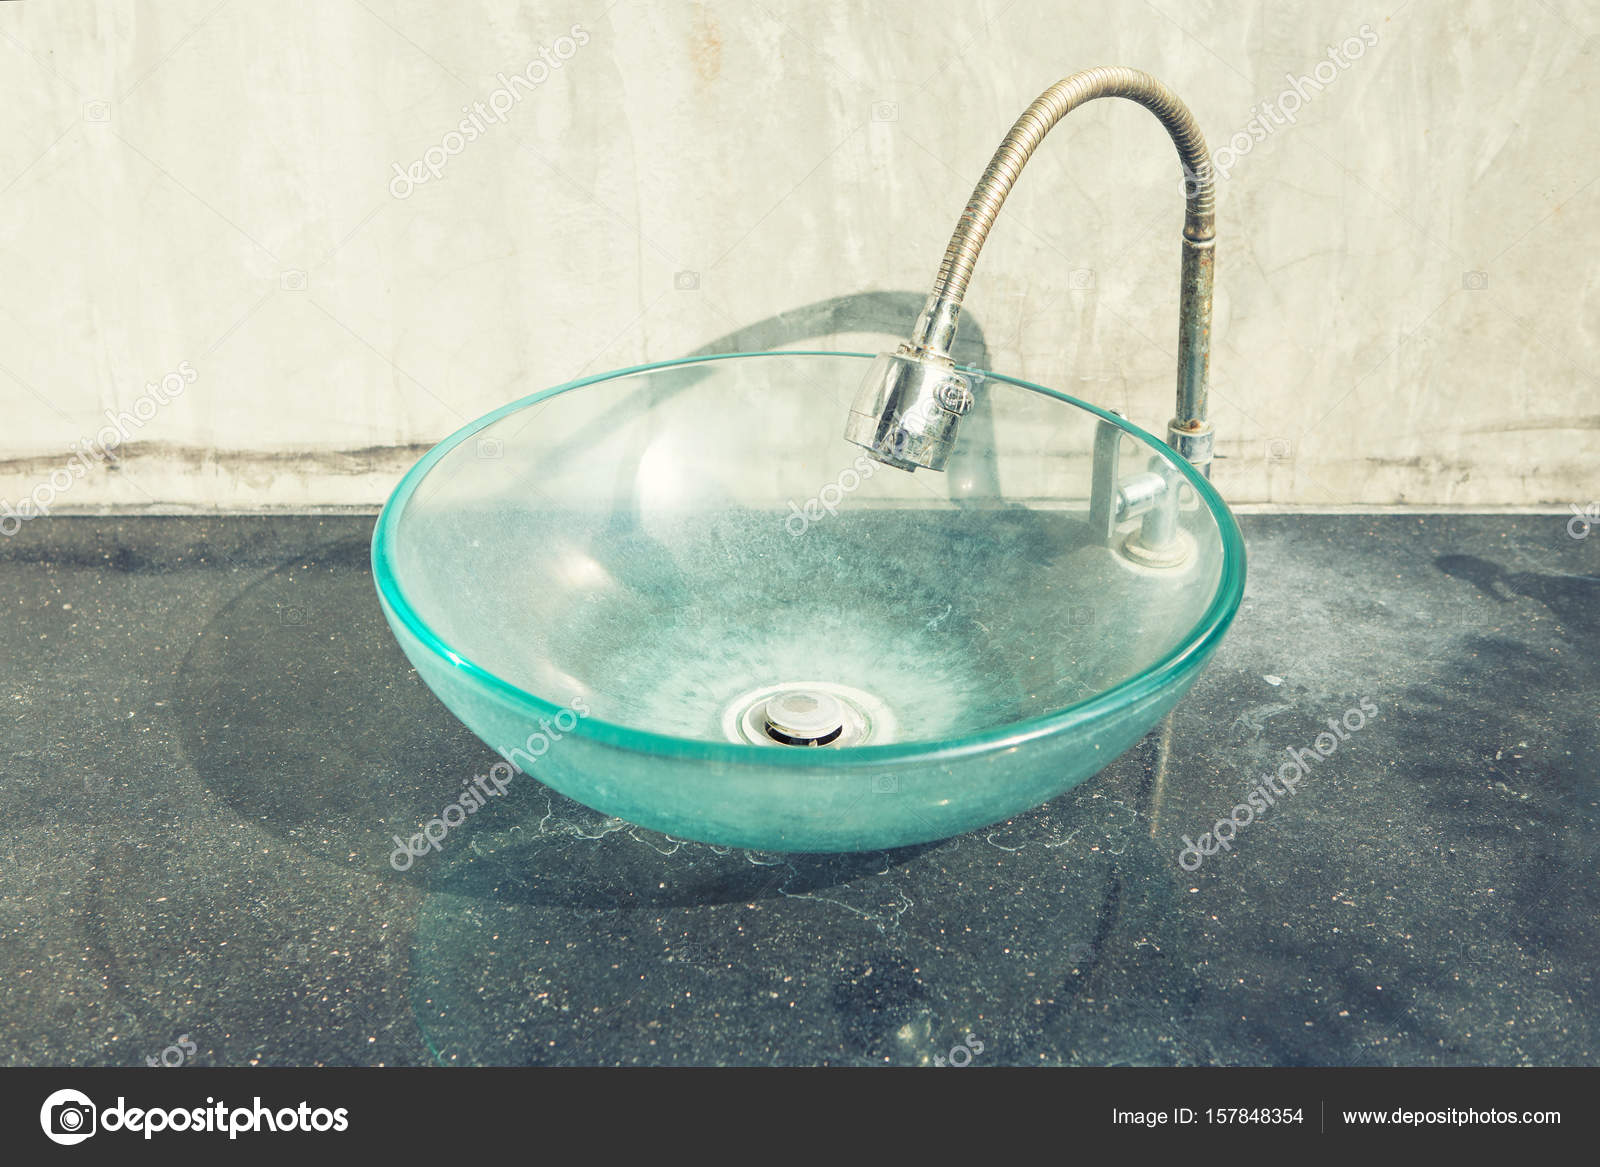 Glas Schale Hand Waschbecken Stockfoto C Bill45 157848354